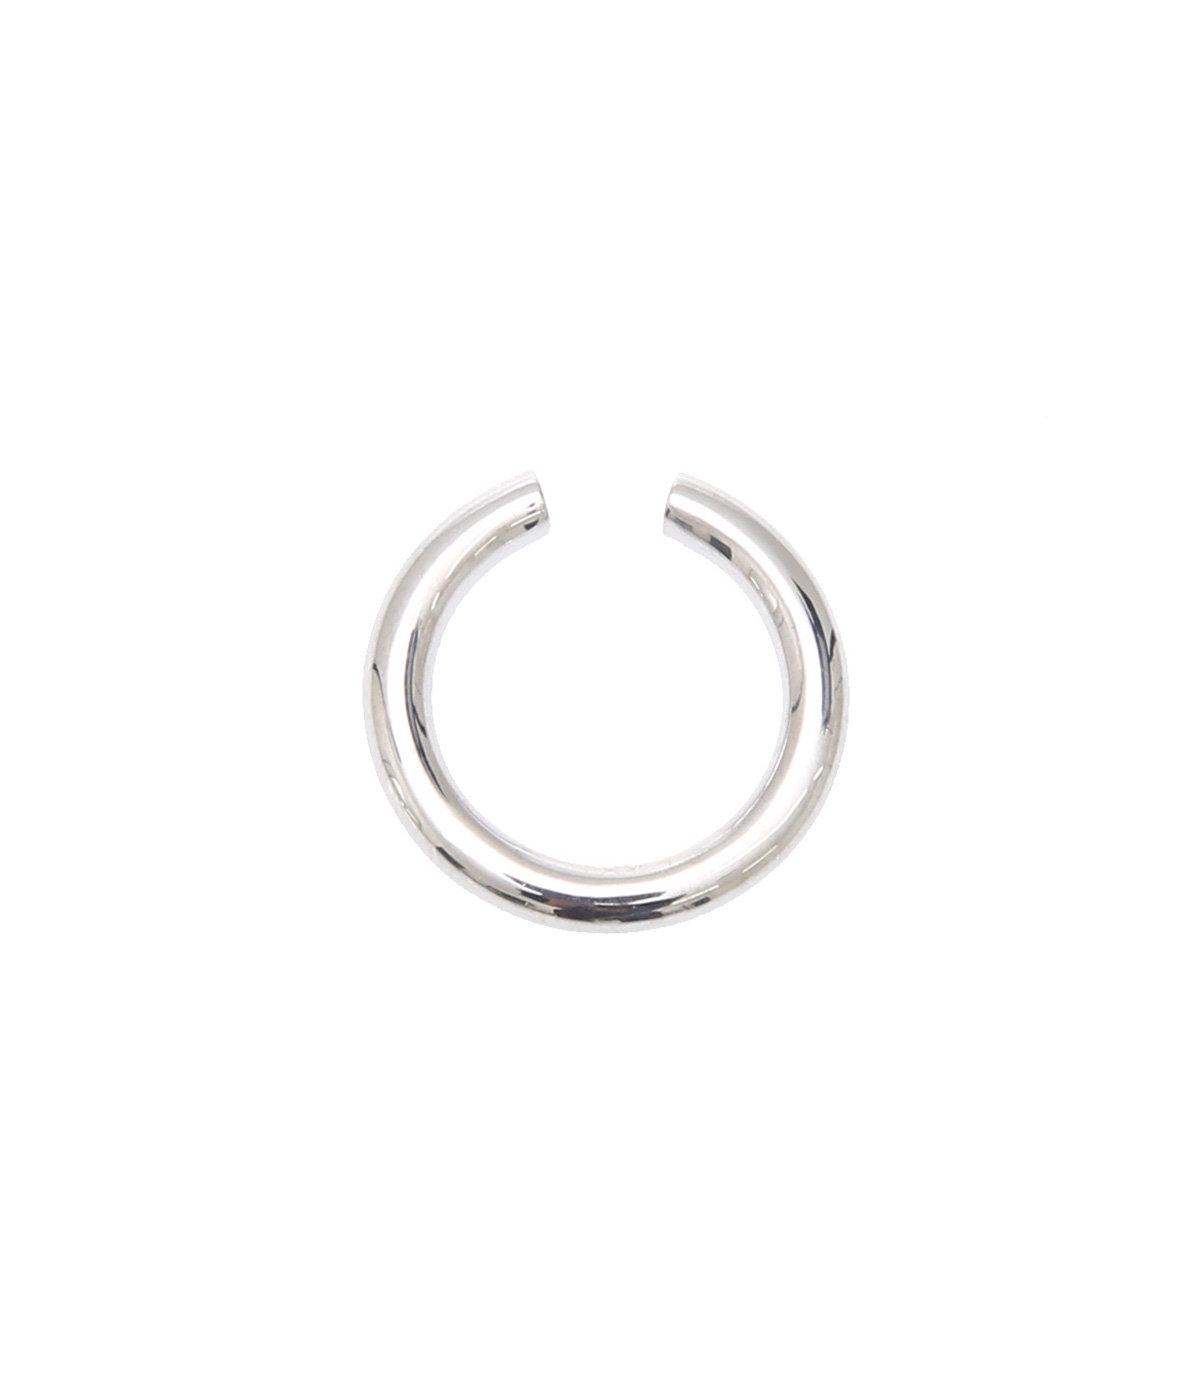 EAR CUFF 303 (SV)